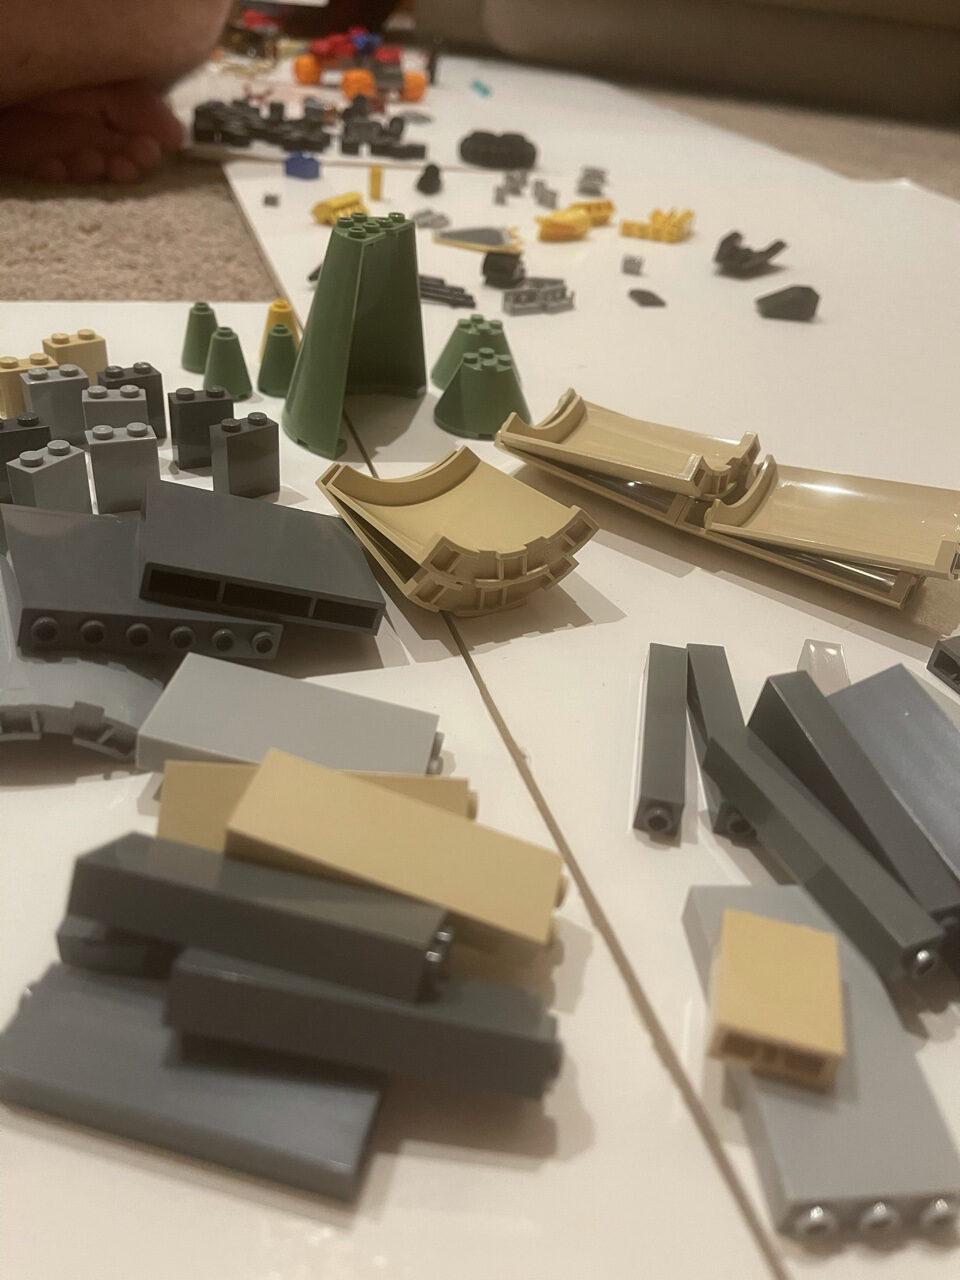 Lego pieces on floor